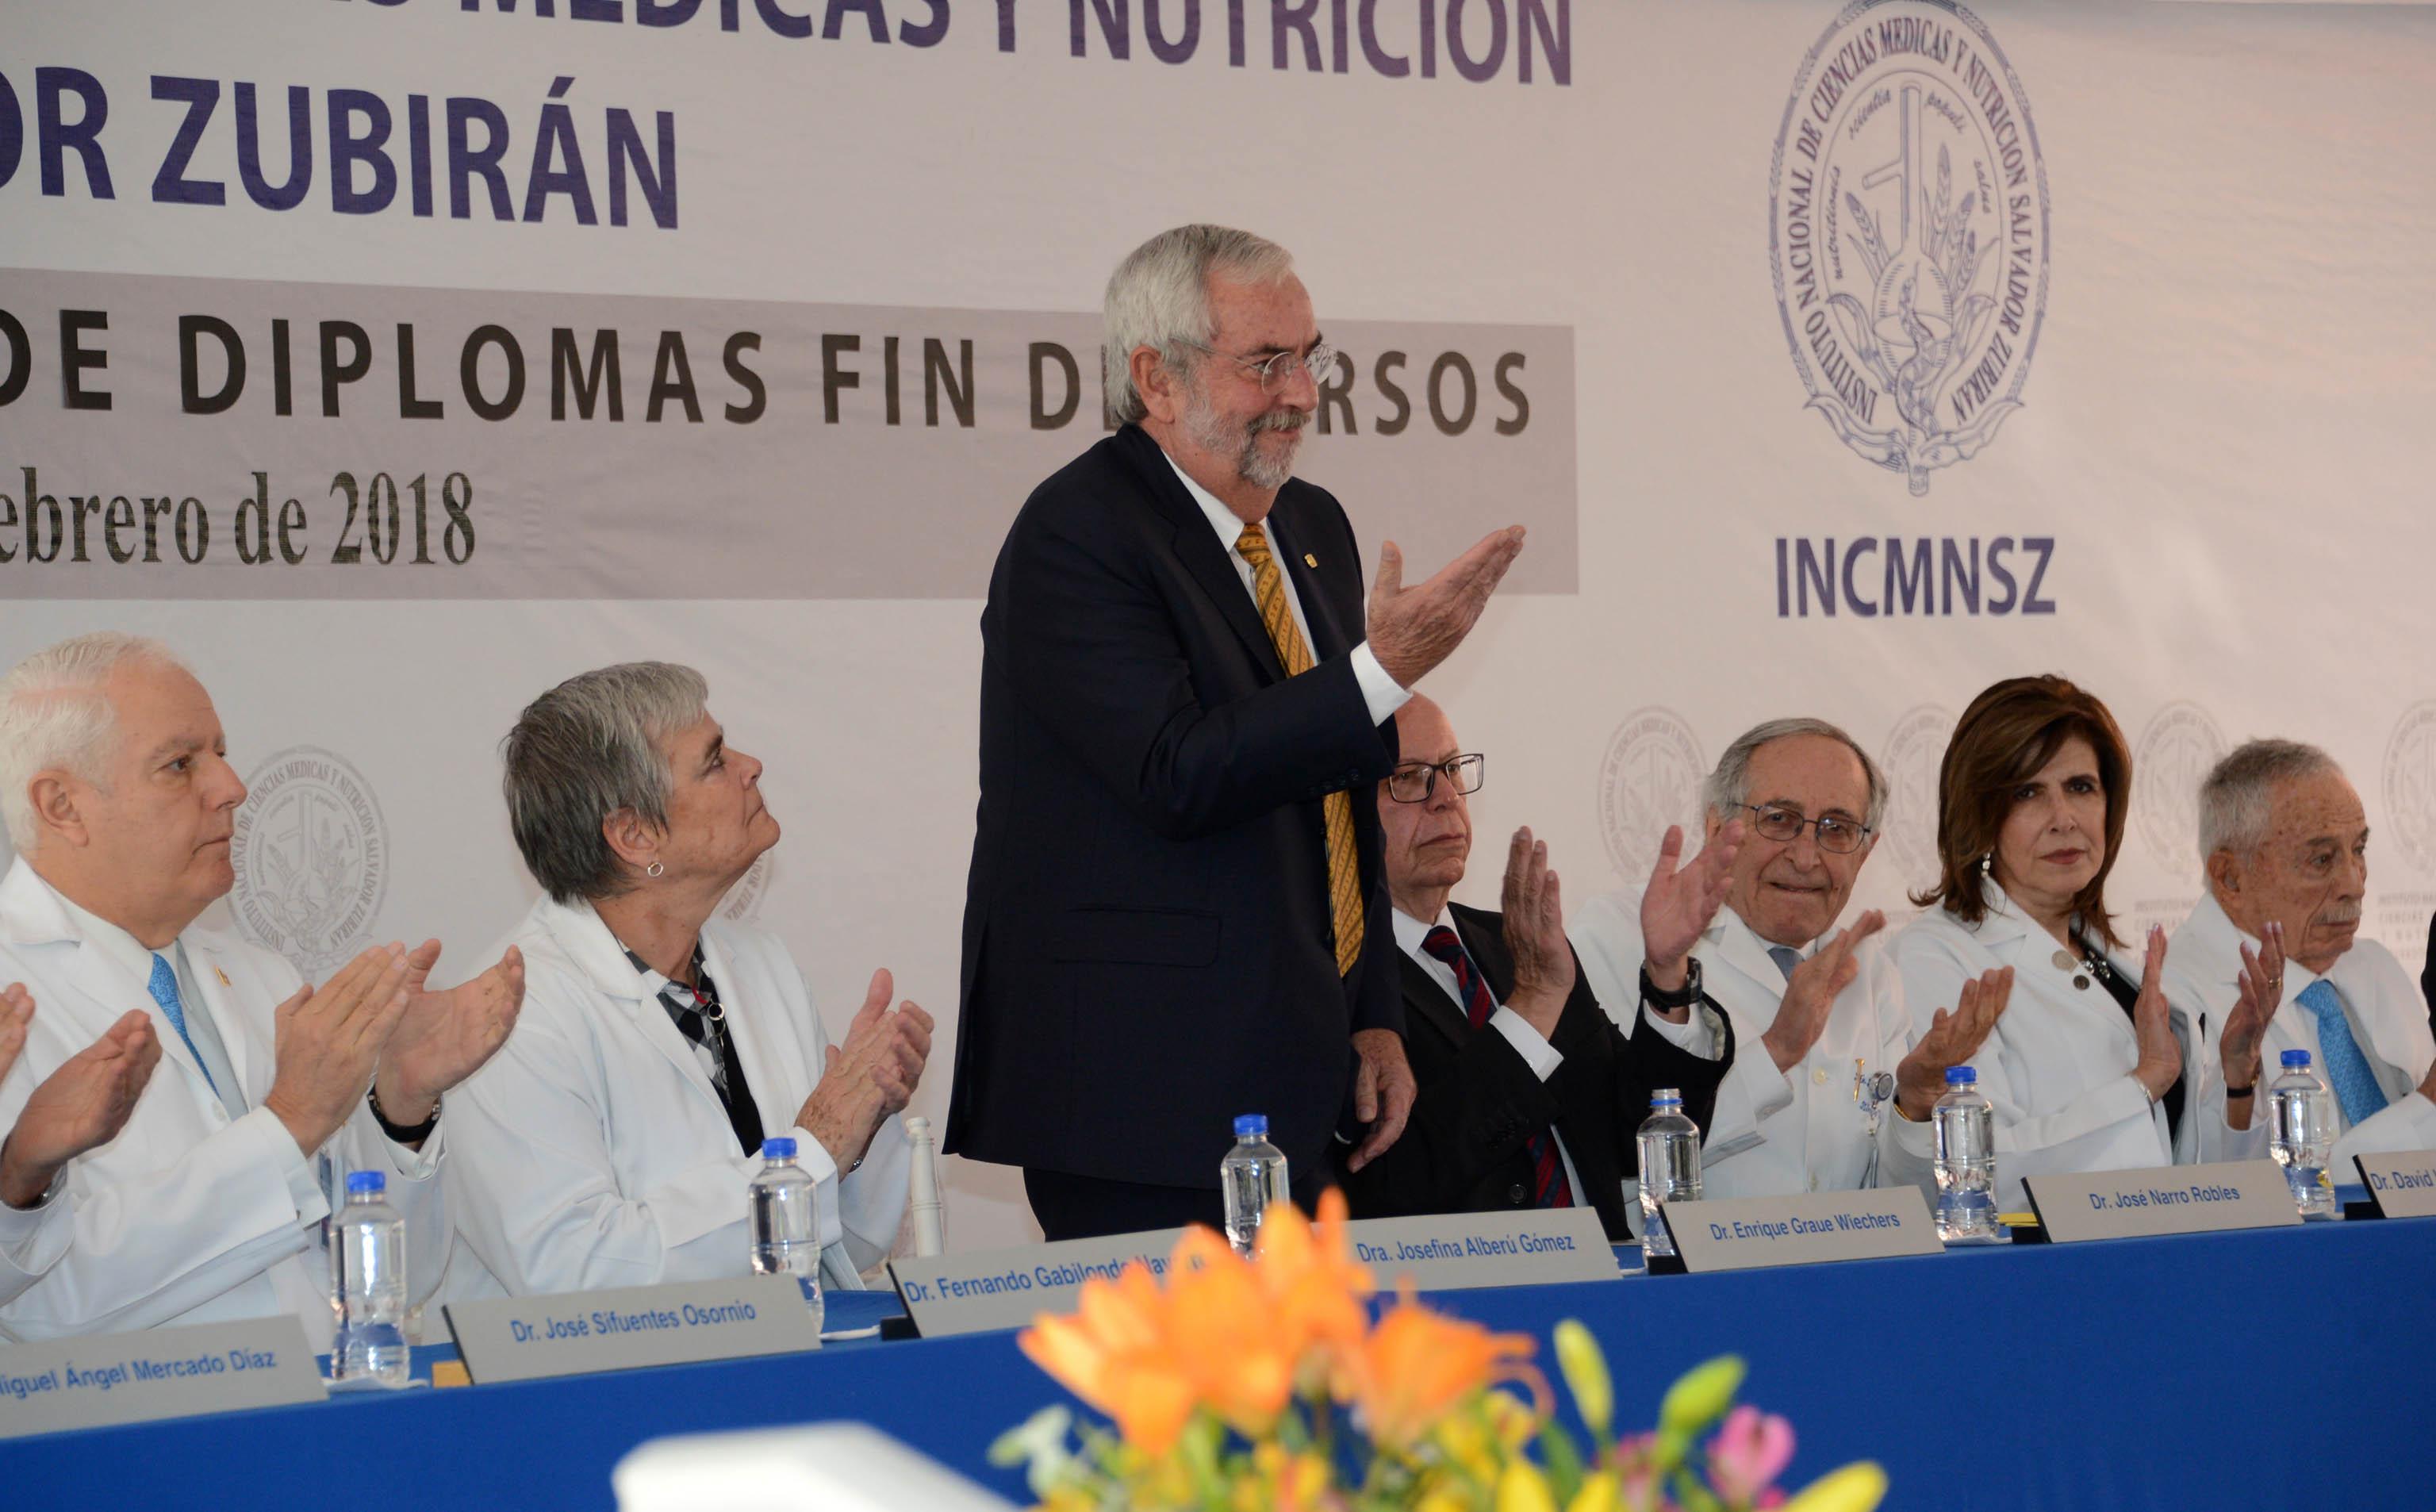 ENTREGA GRAUE DIPLOMAS A RESIDENTES DE LA UNAM EN EL INSTITUTO NACIONAL DE NUTRICIÓN